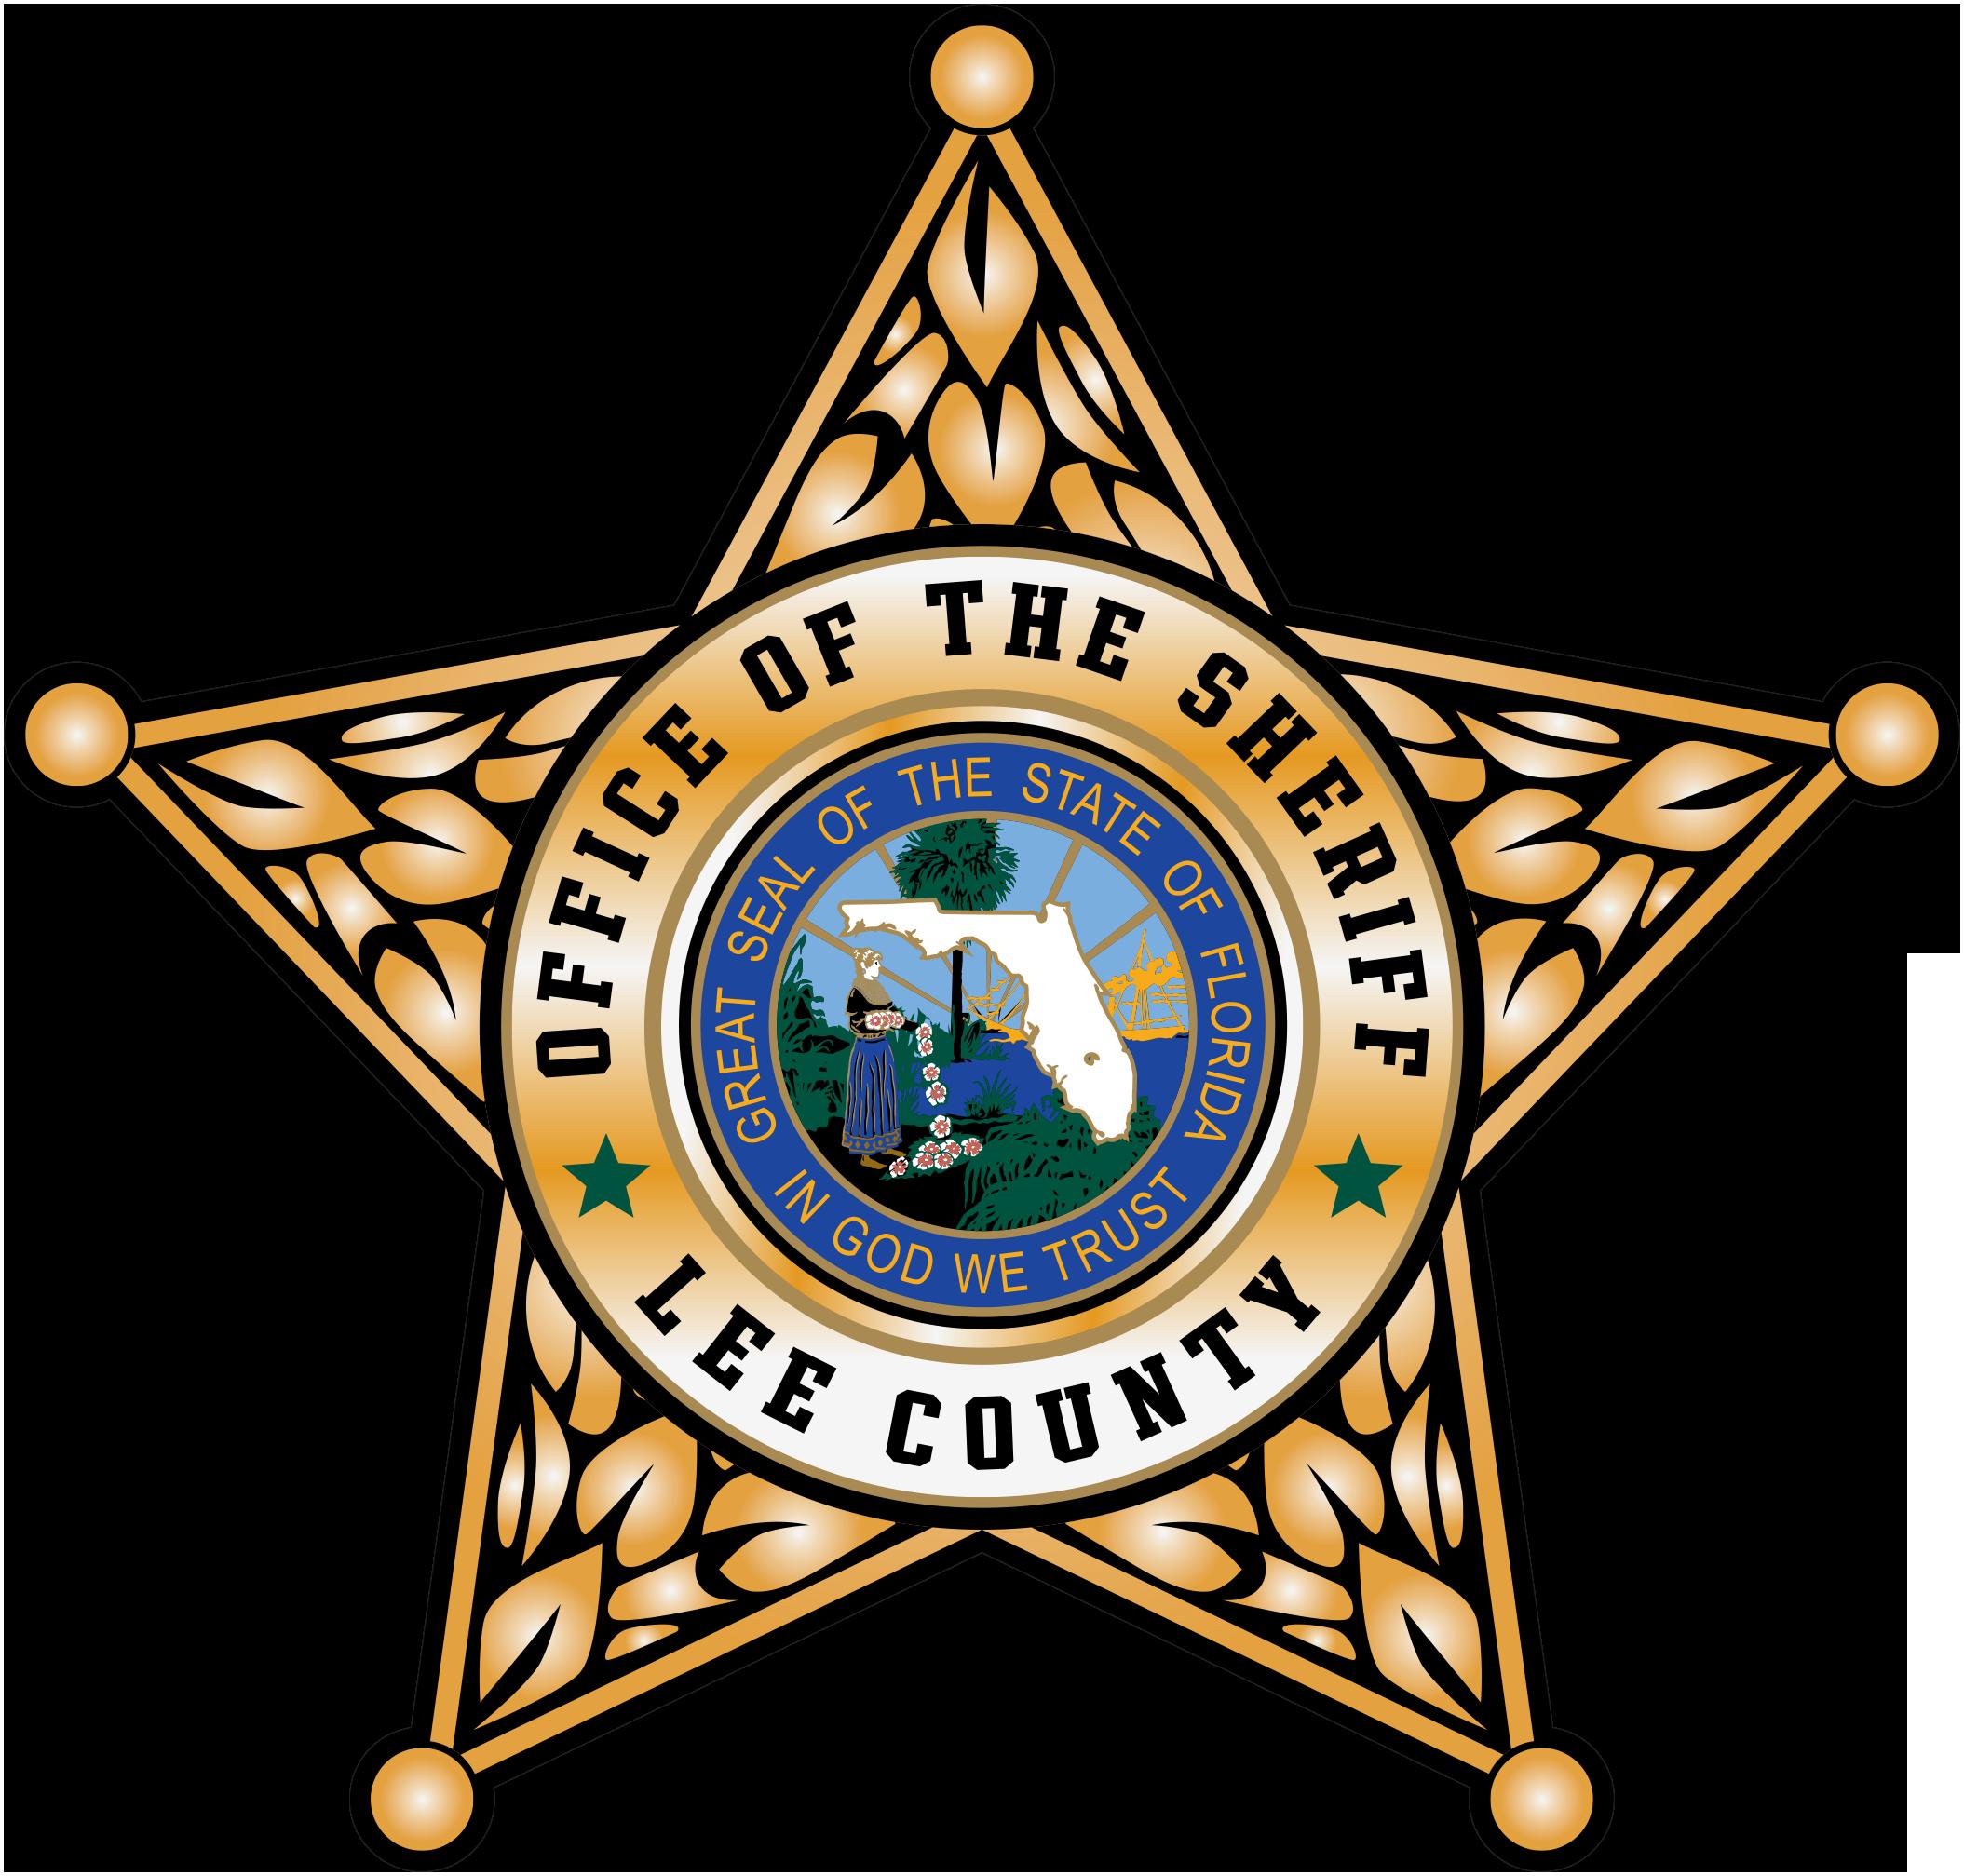 LCSO Fallen Deputy Memorial